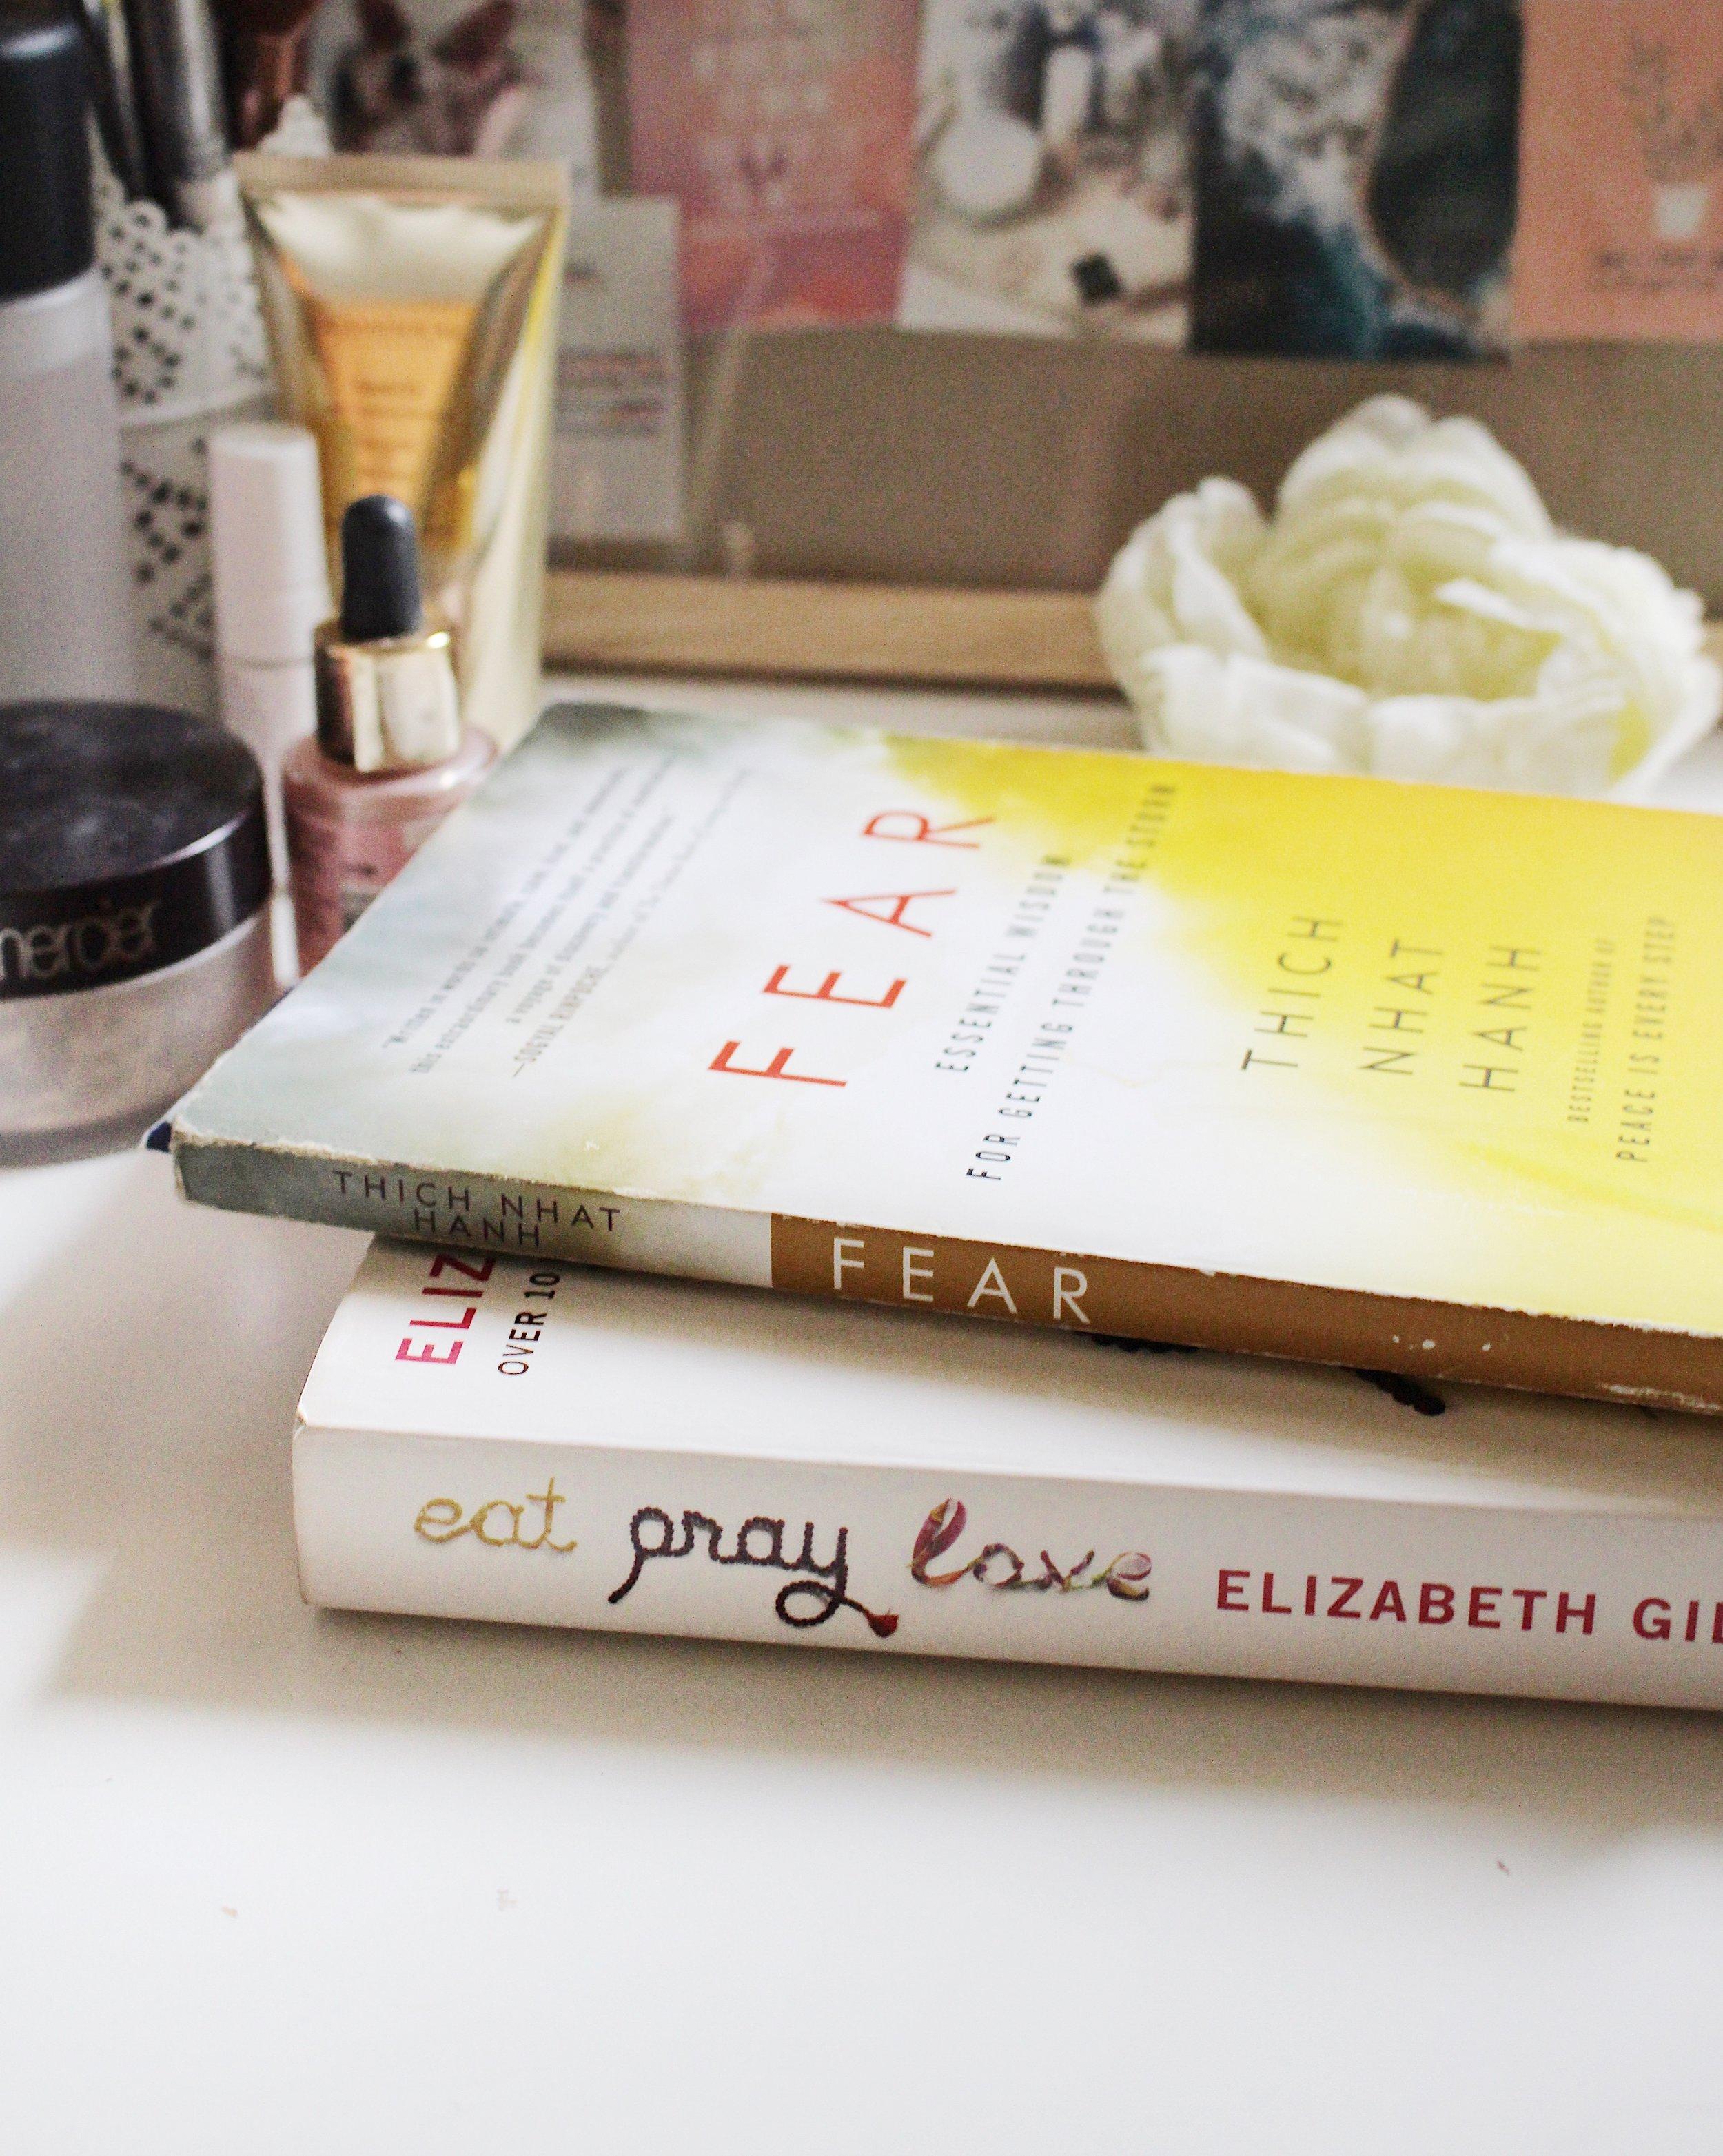 self help books.JPG